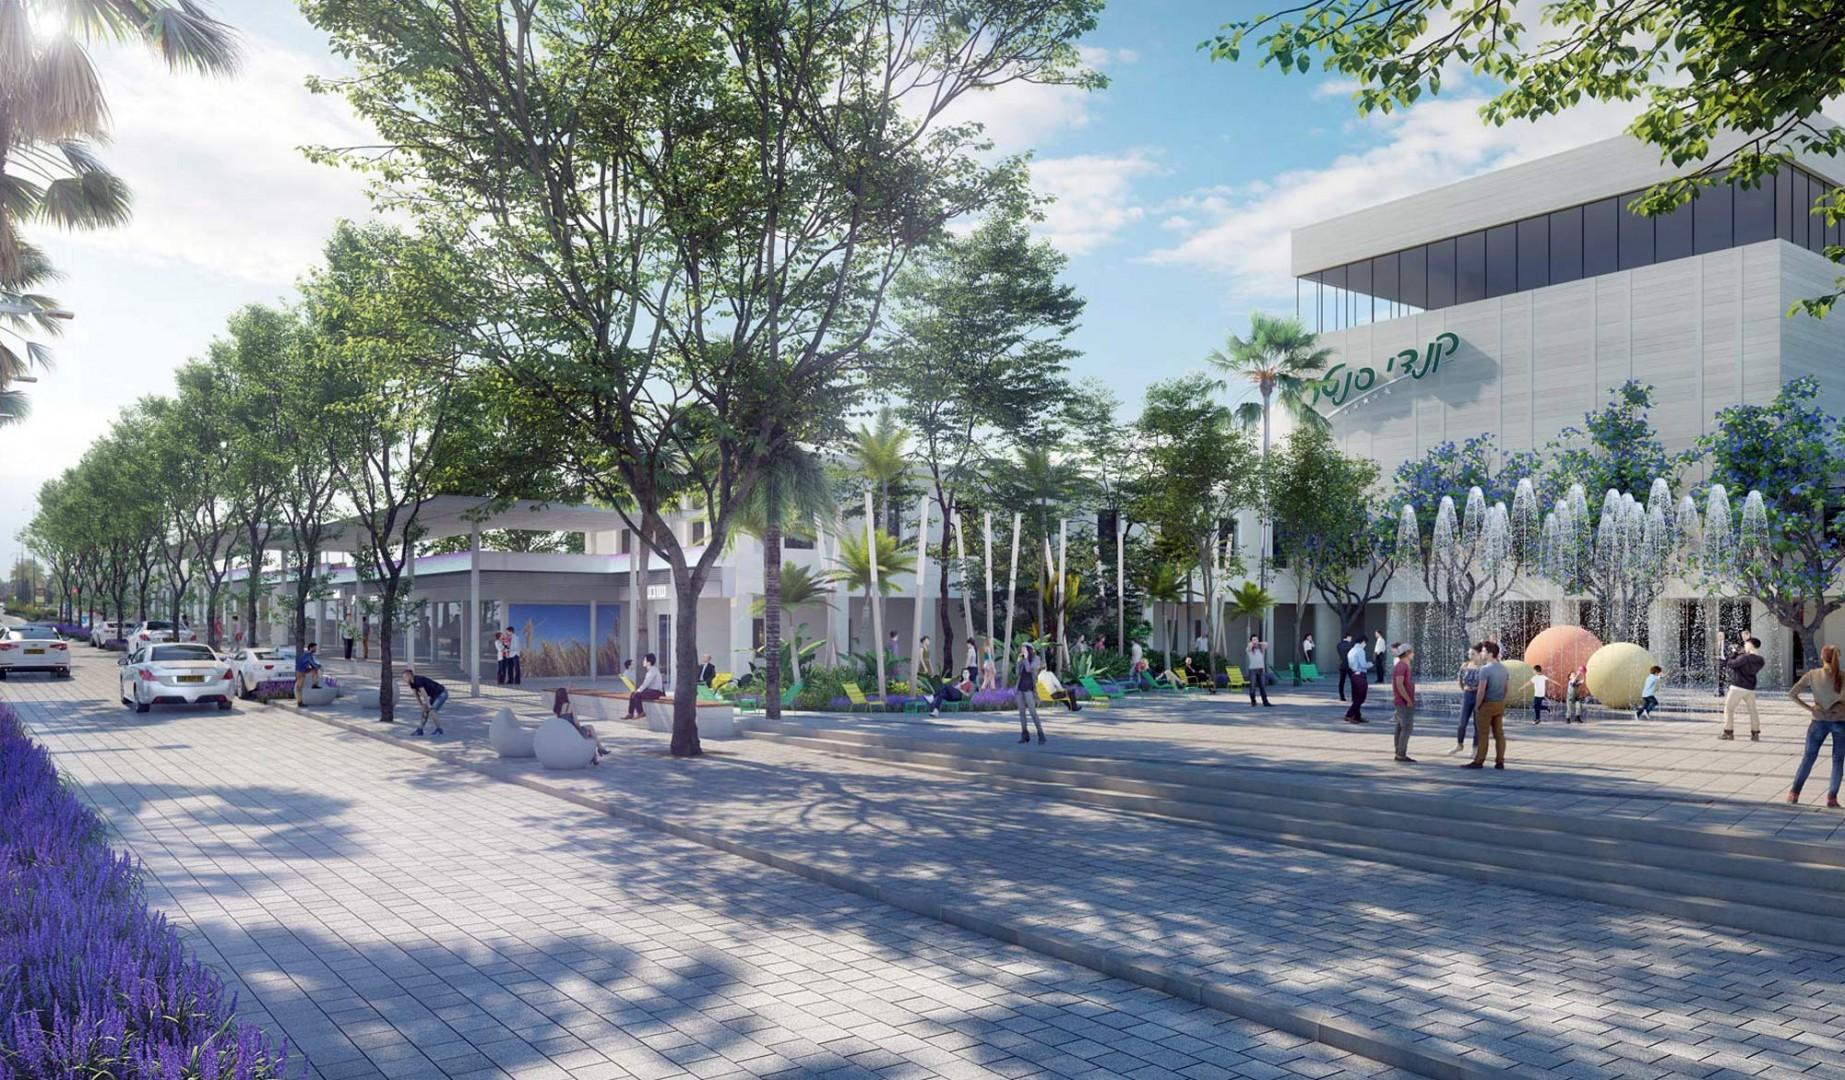 הדמיה של חברת טוטם לפרויקט עבור עיריית יבנה